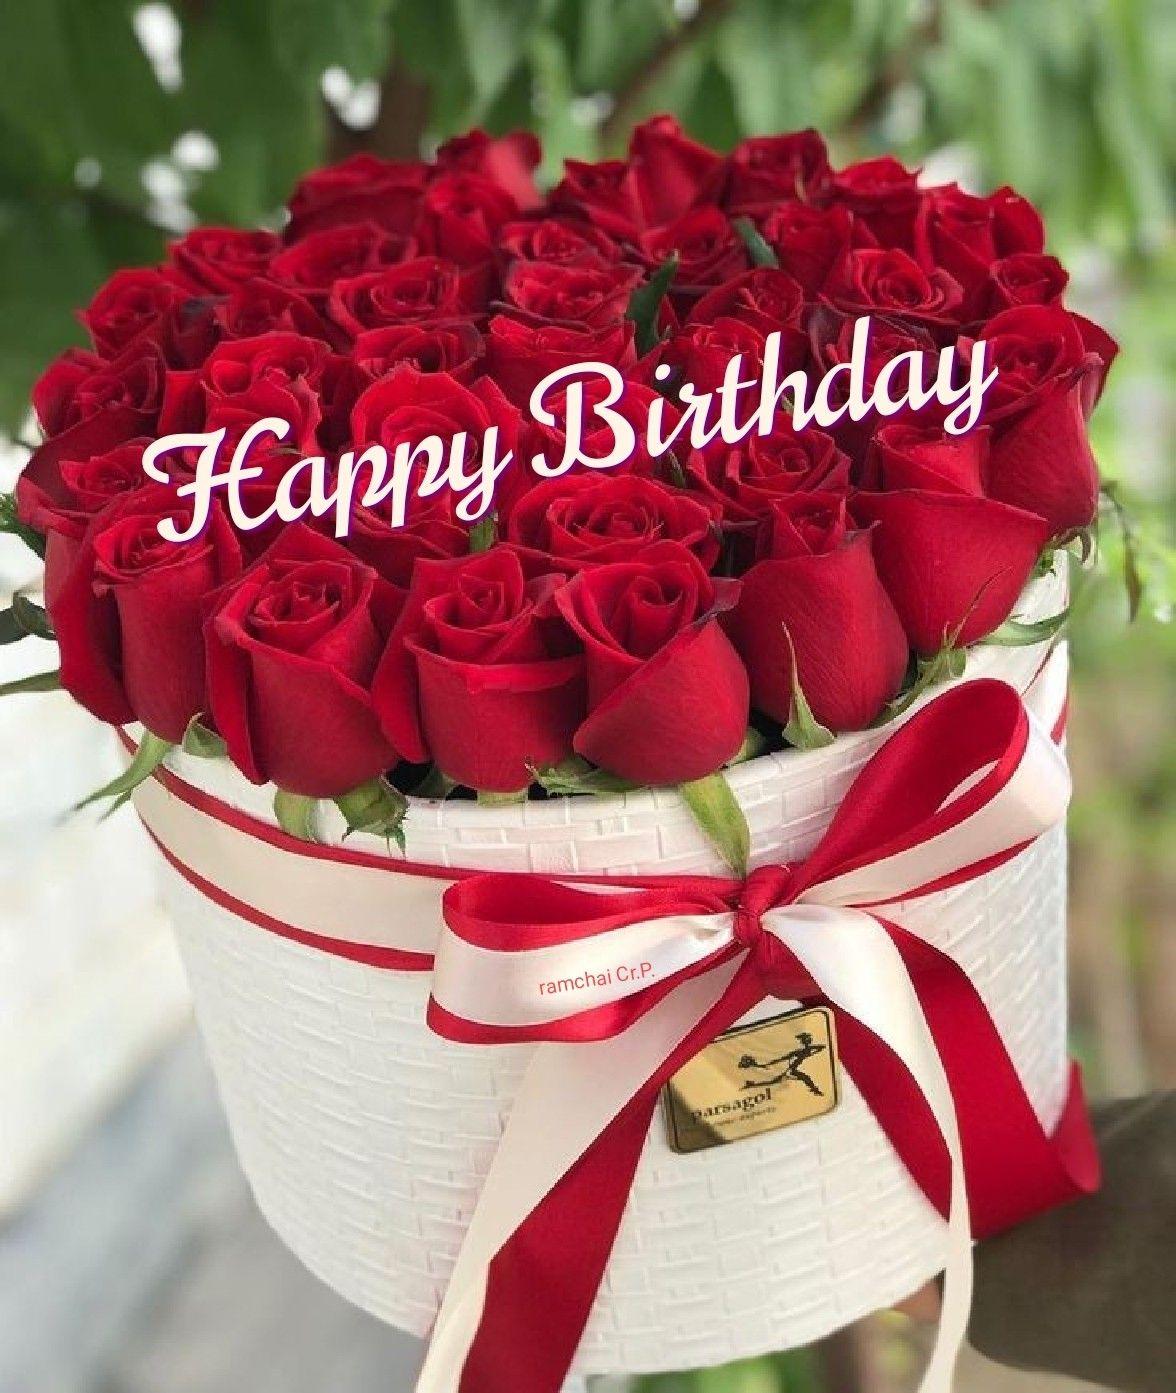 Pin by Judith Shilavula on วันเกิด, Birthday in 2020 Red